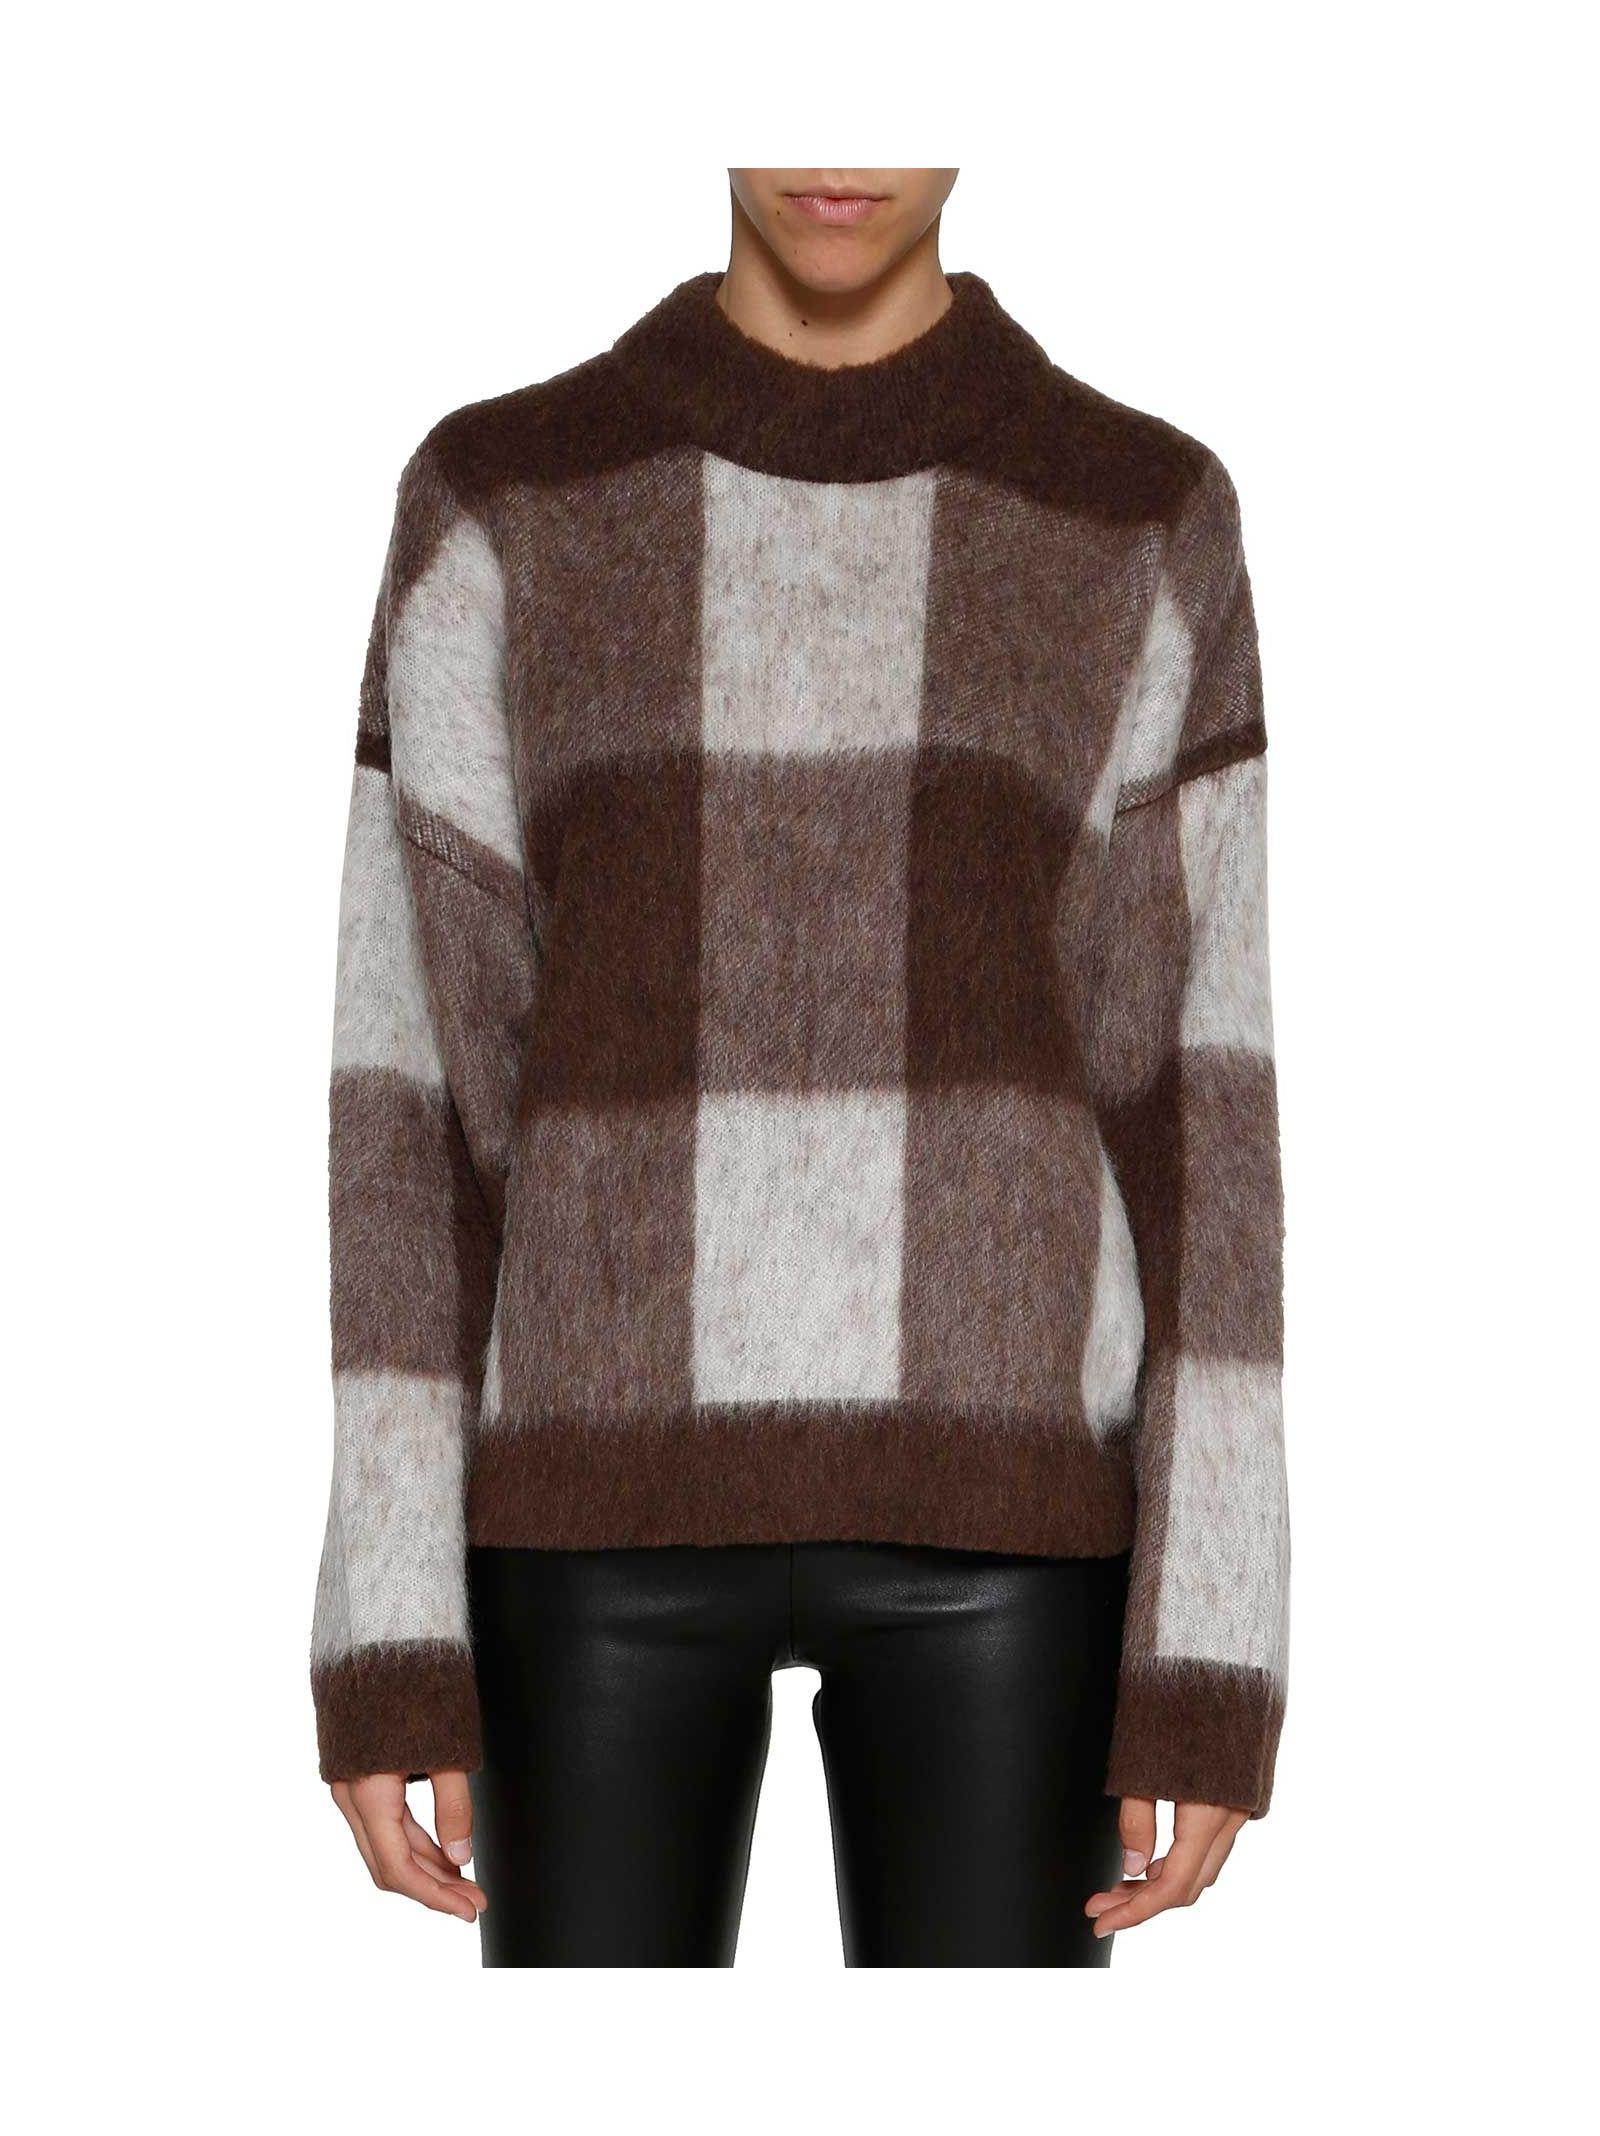 Balenciaga Bicolor Sweater - Balenciaga - Joy